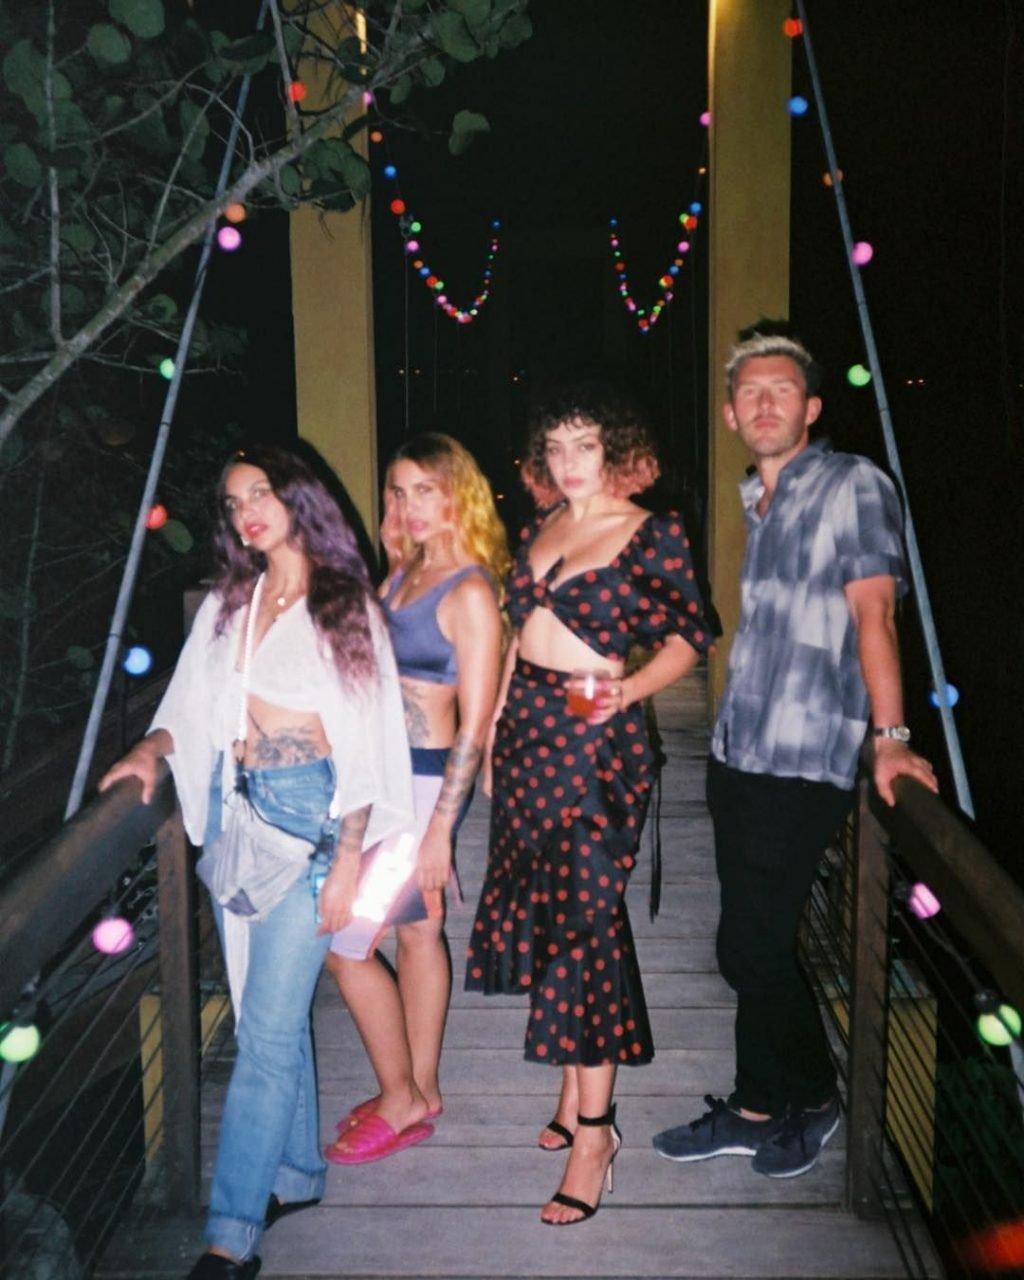 Charli XCX See Through & Sexy (17 Photos)